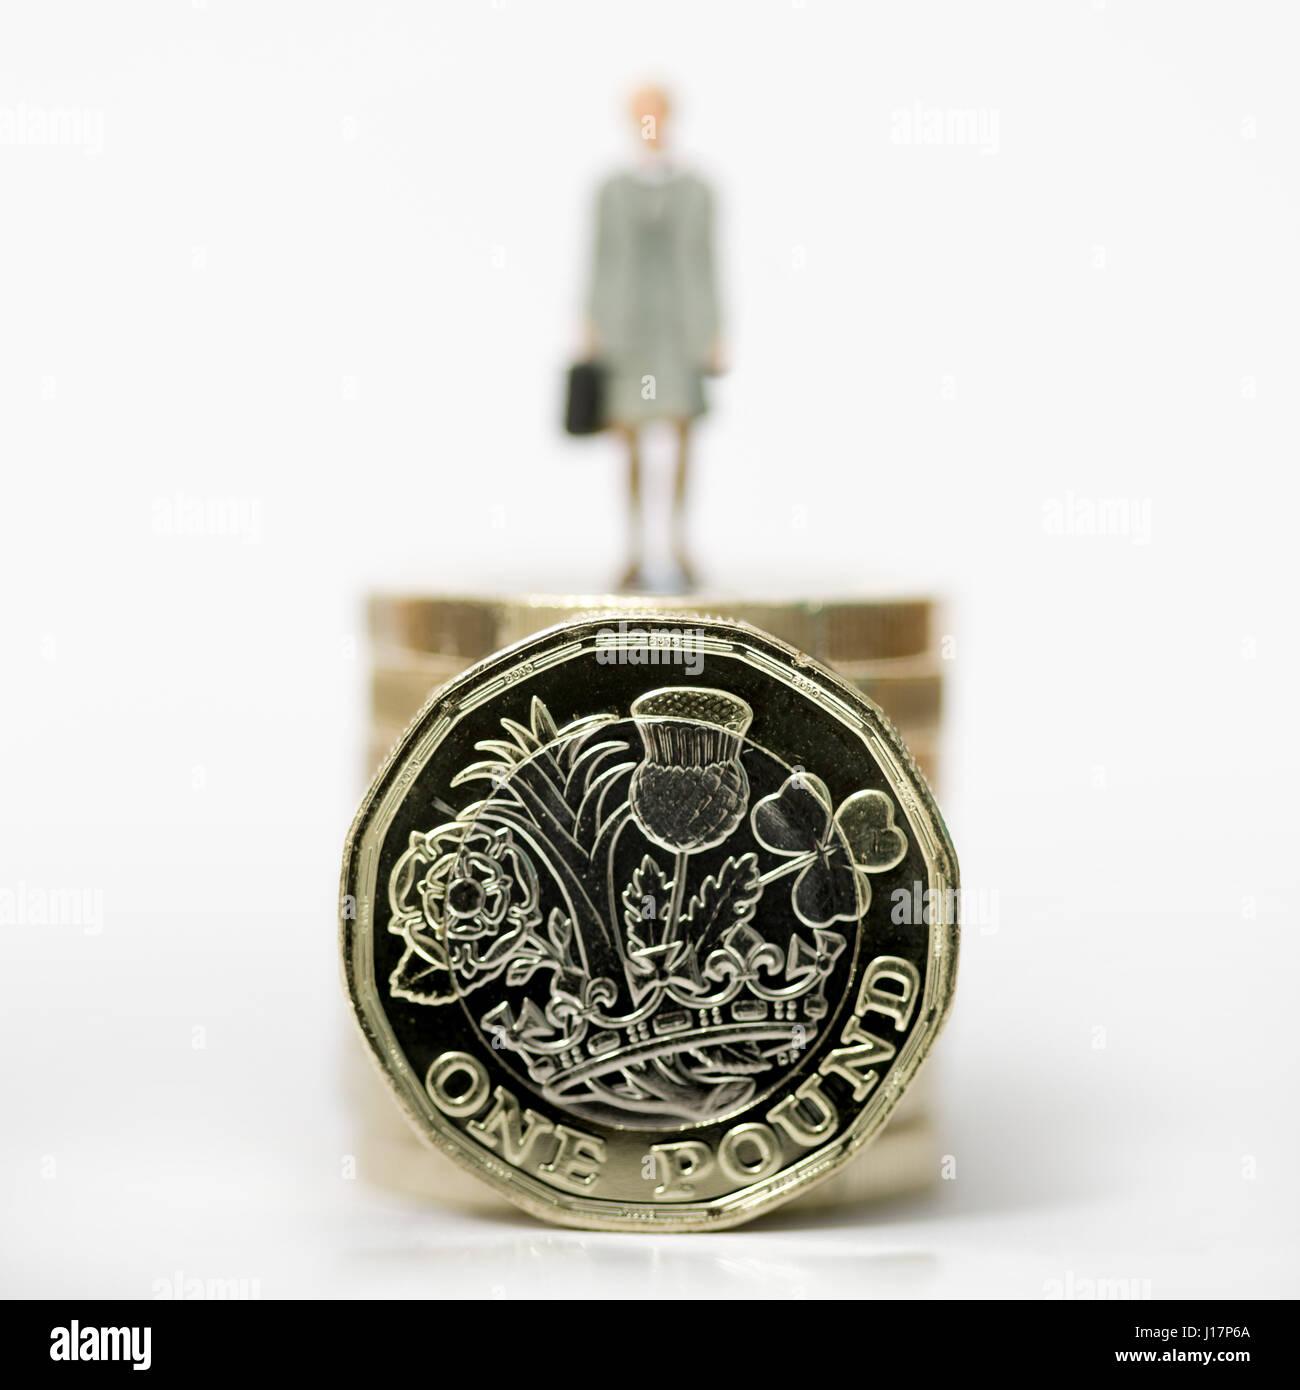 Close up/modello macro stock foto raffiguranti femmina lavoratore salariale sulla pila di nuovo British pound monete. Immagini Stock